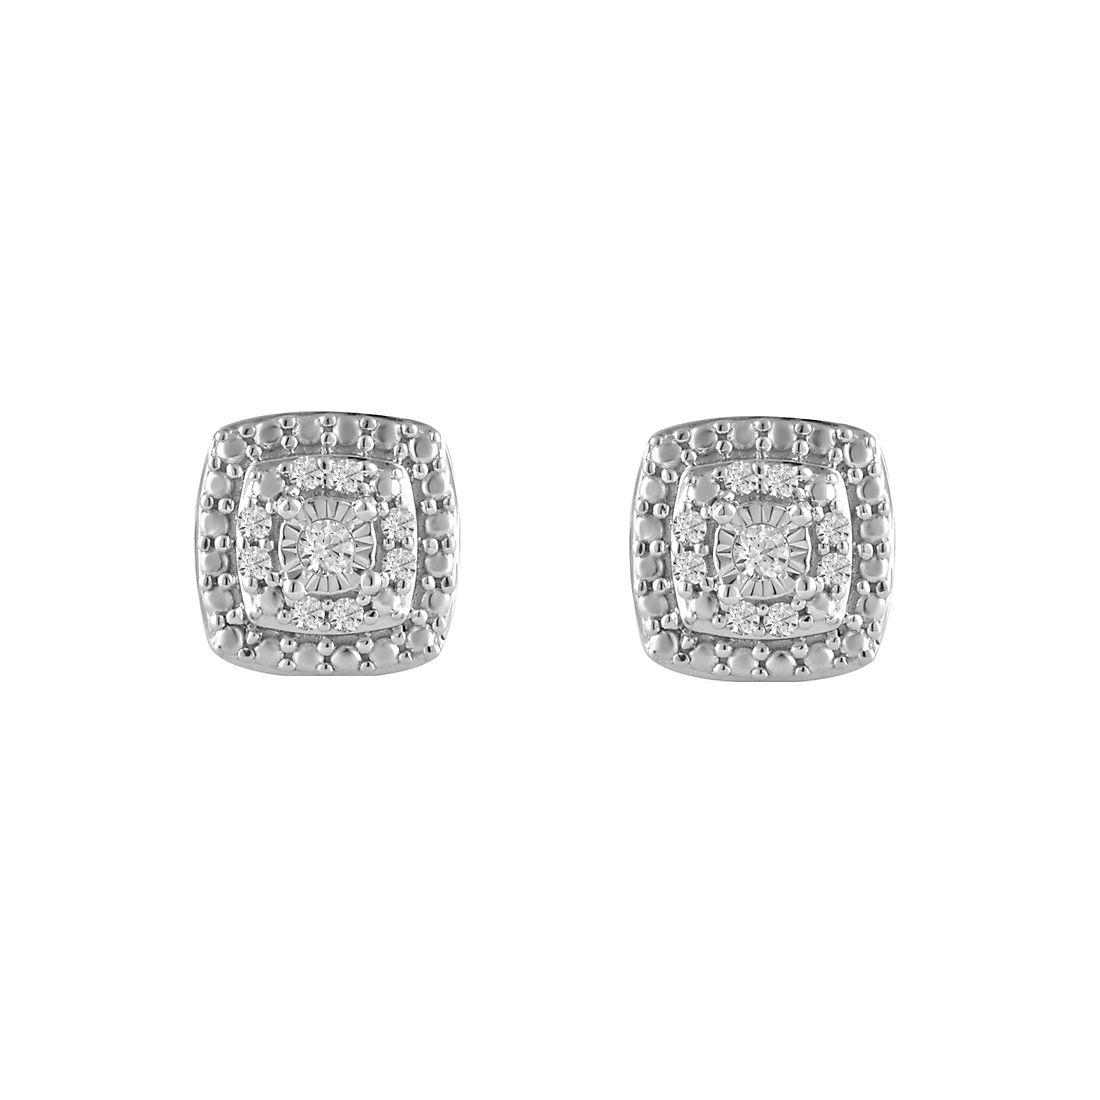 10 Ct T W Diamond Stud Earrings In Sterling Silver